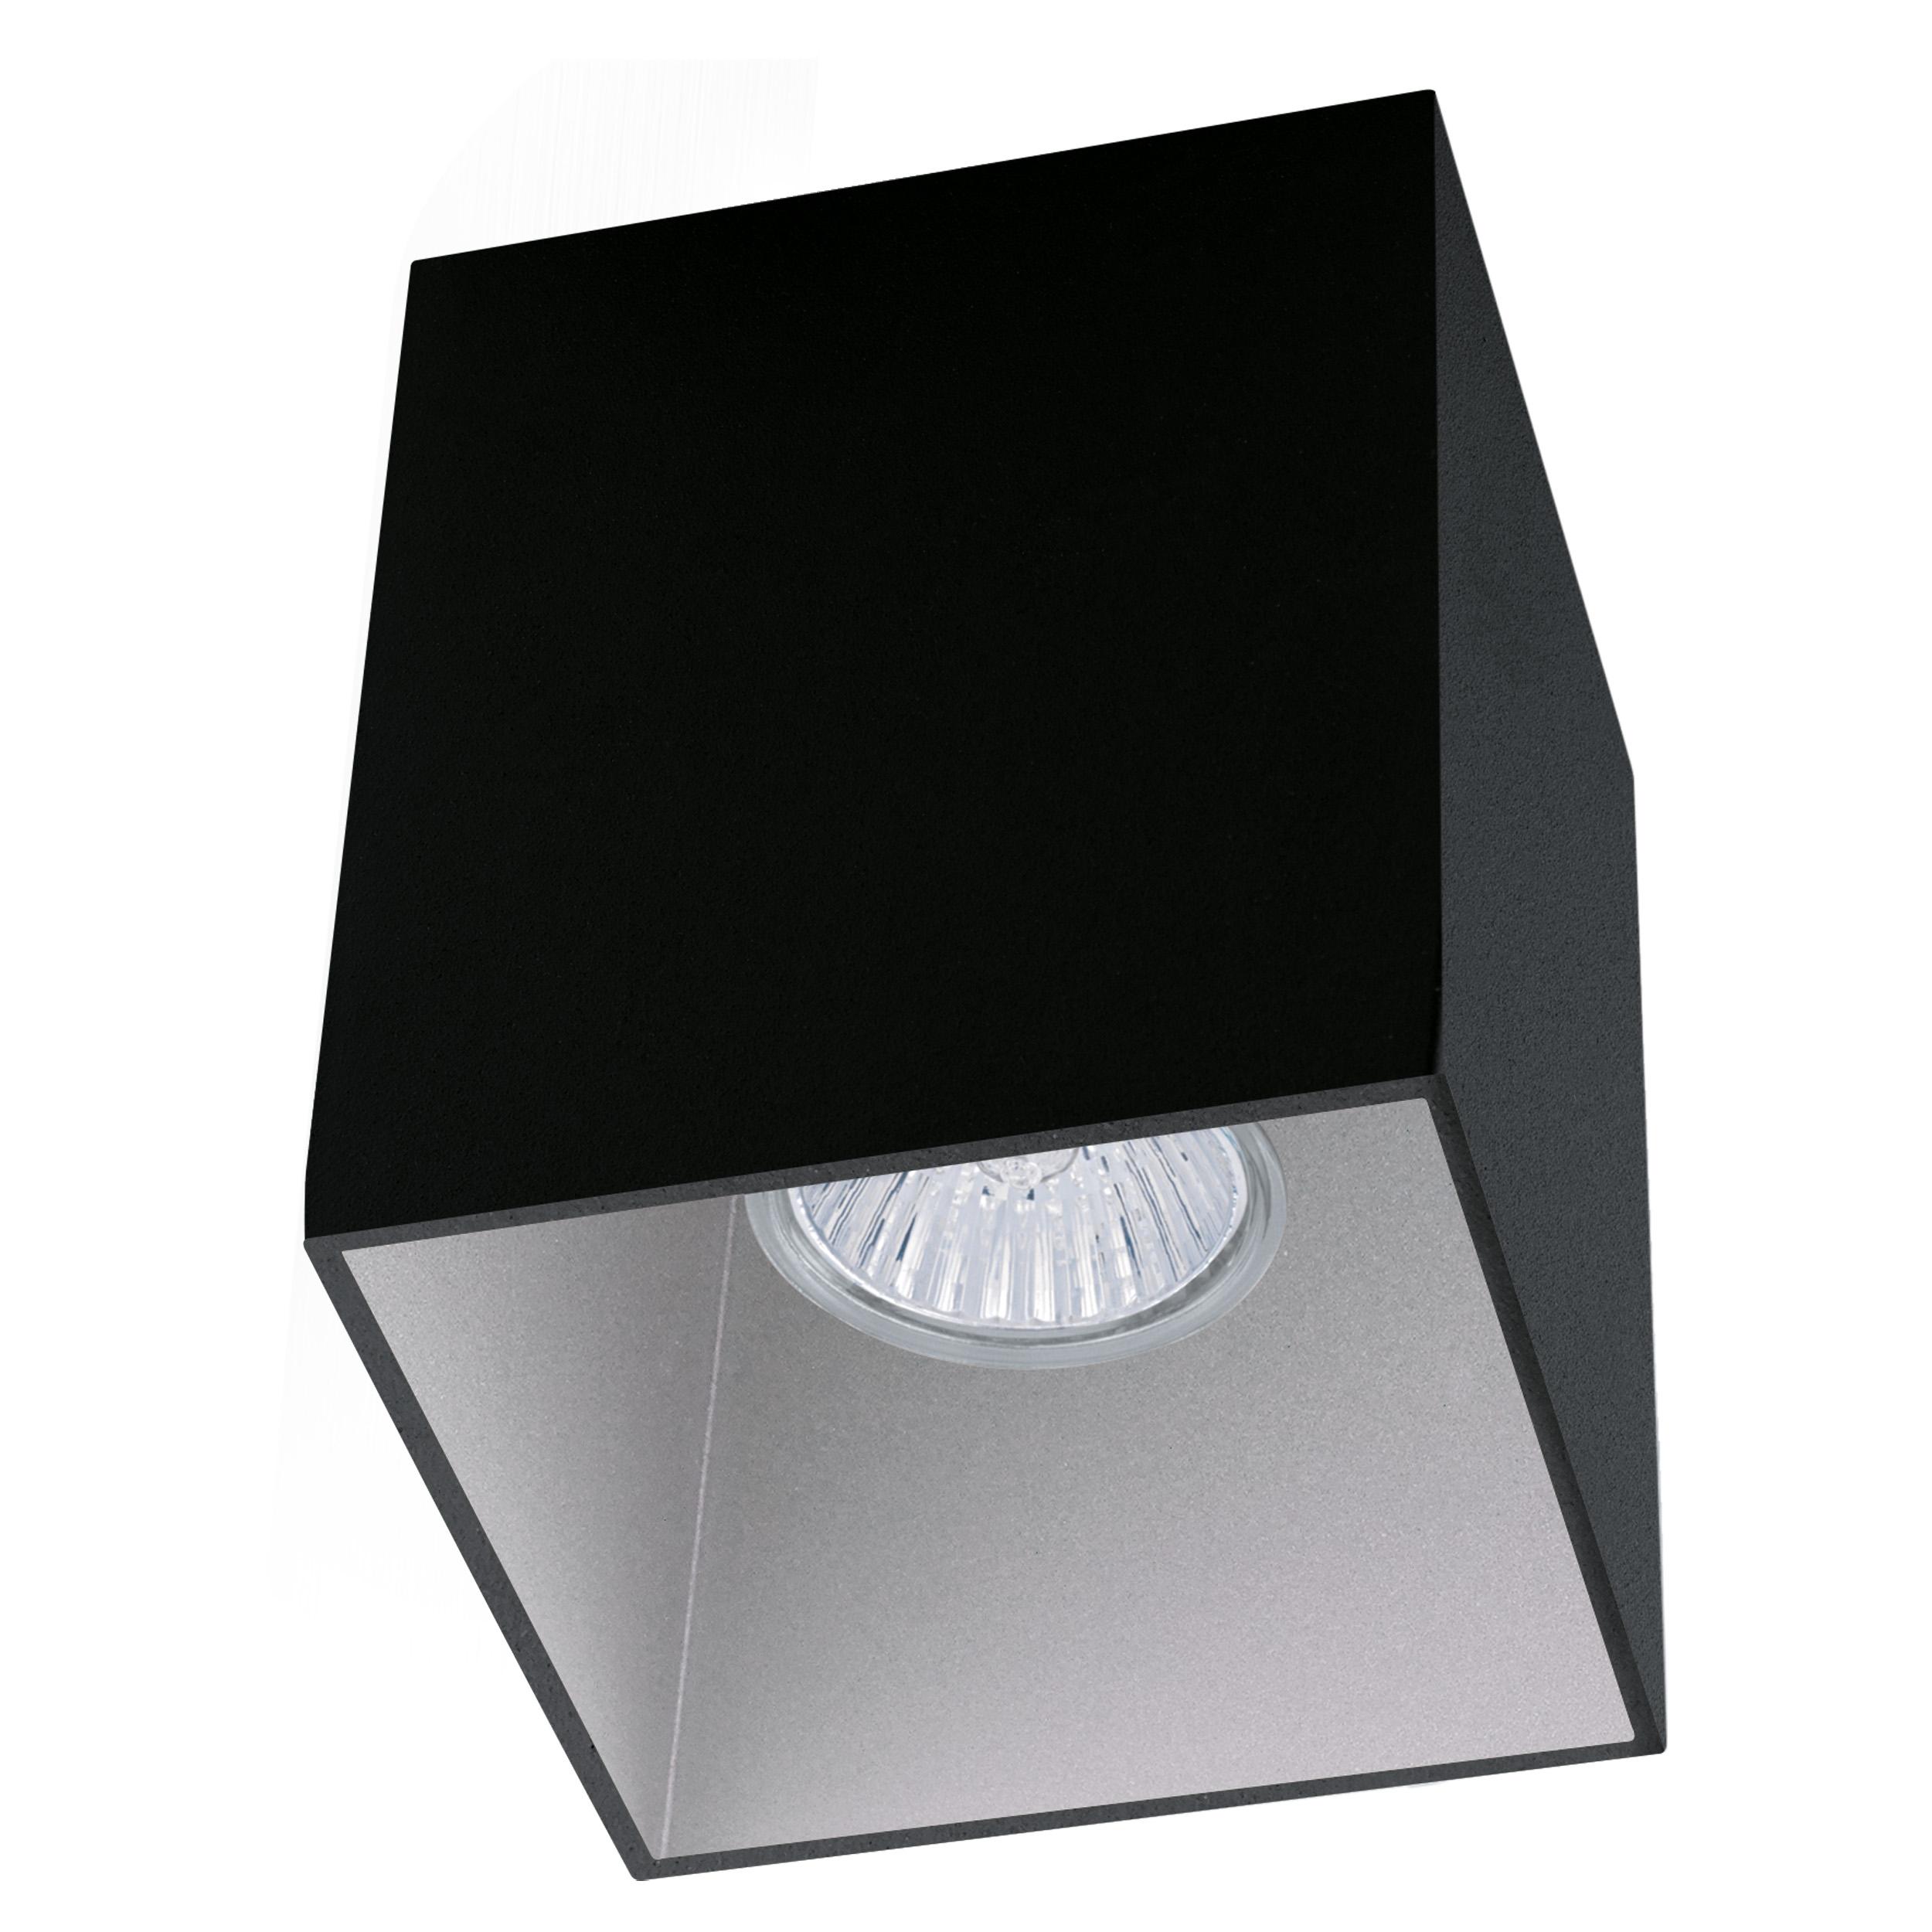 1 Stk Deckenleuchte Polasso eckig 35W schwarz / silber IP20 LI62259---